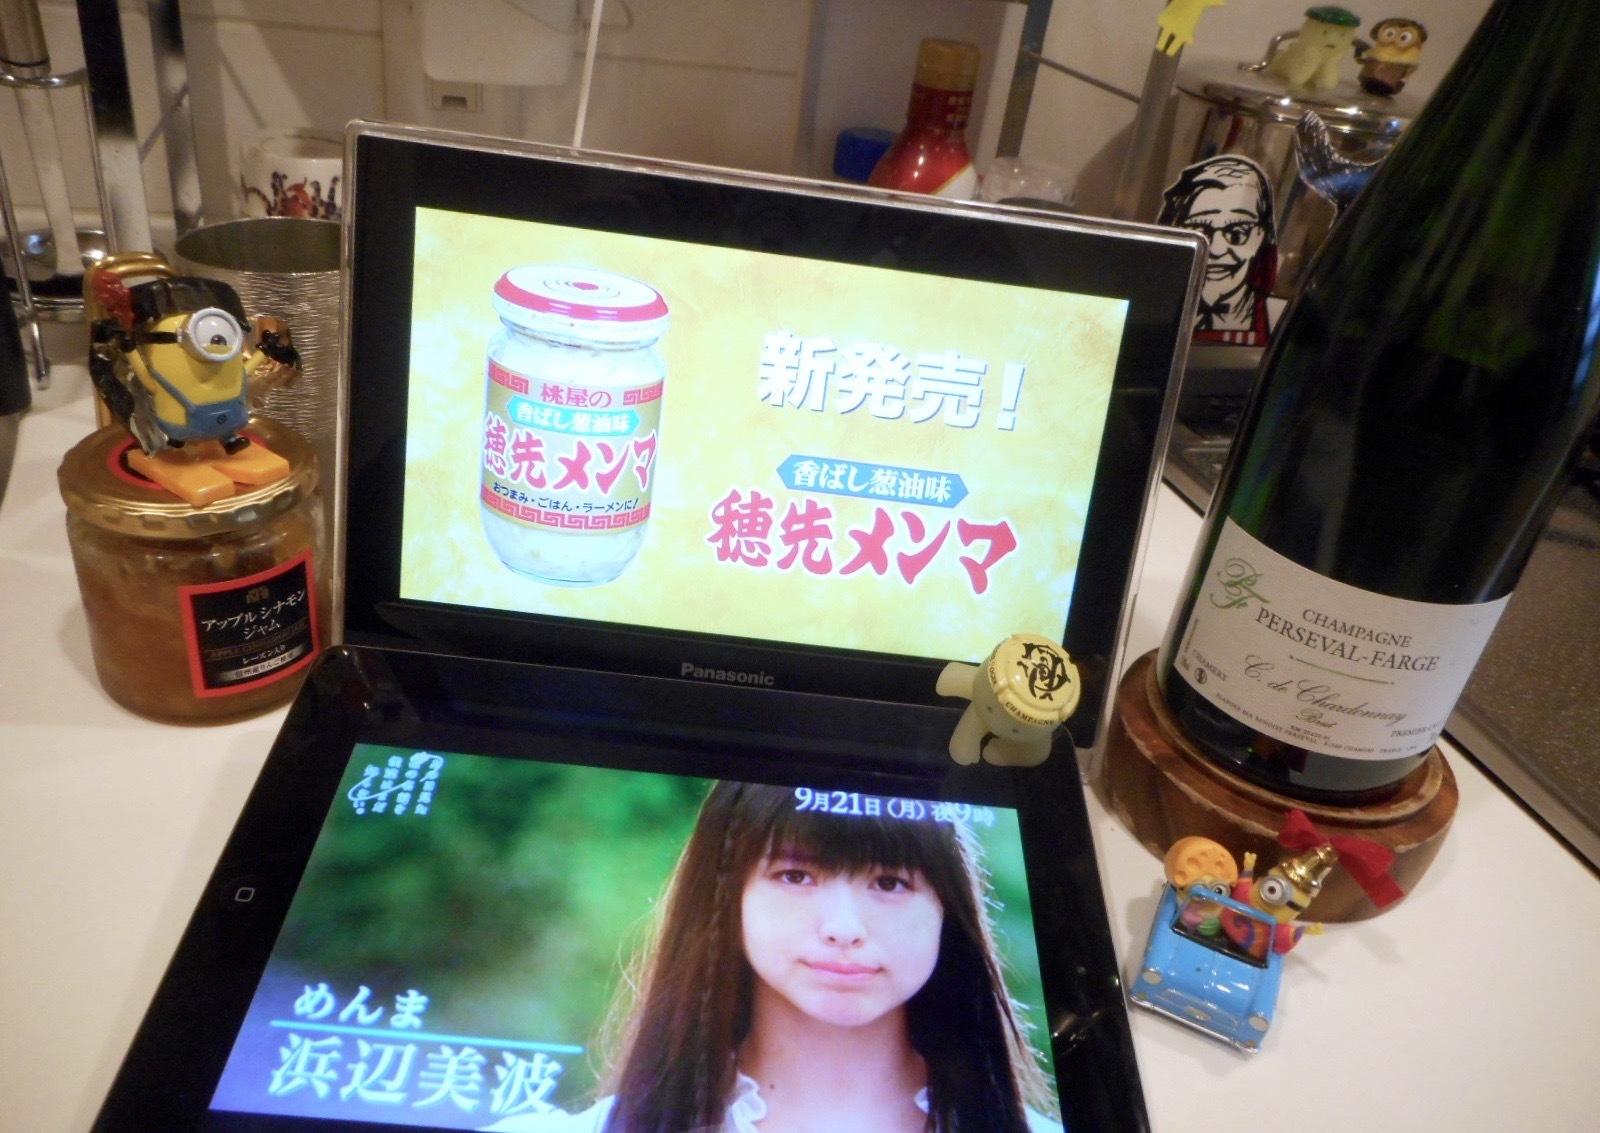 浜辺美波最強論vs穂先メンマ1